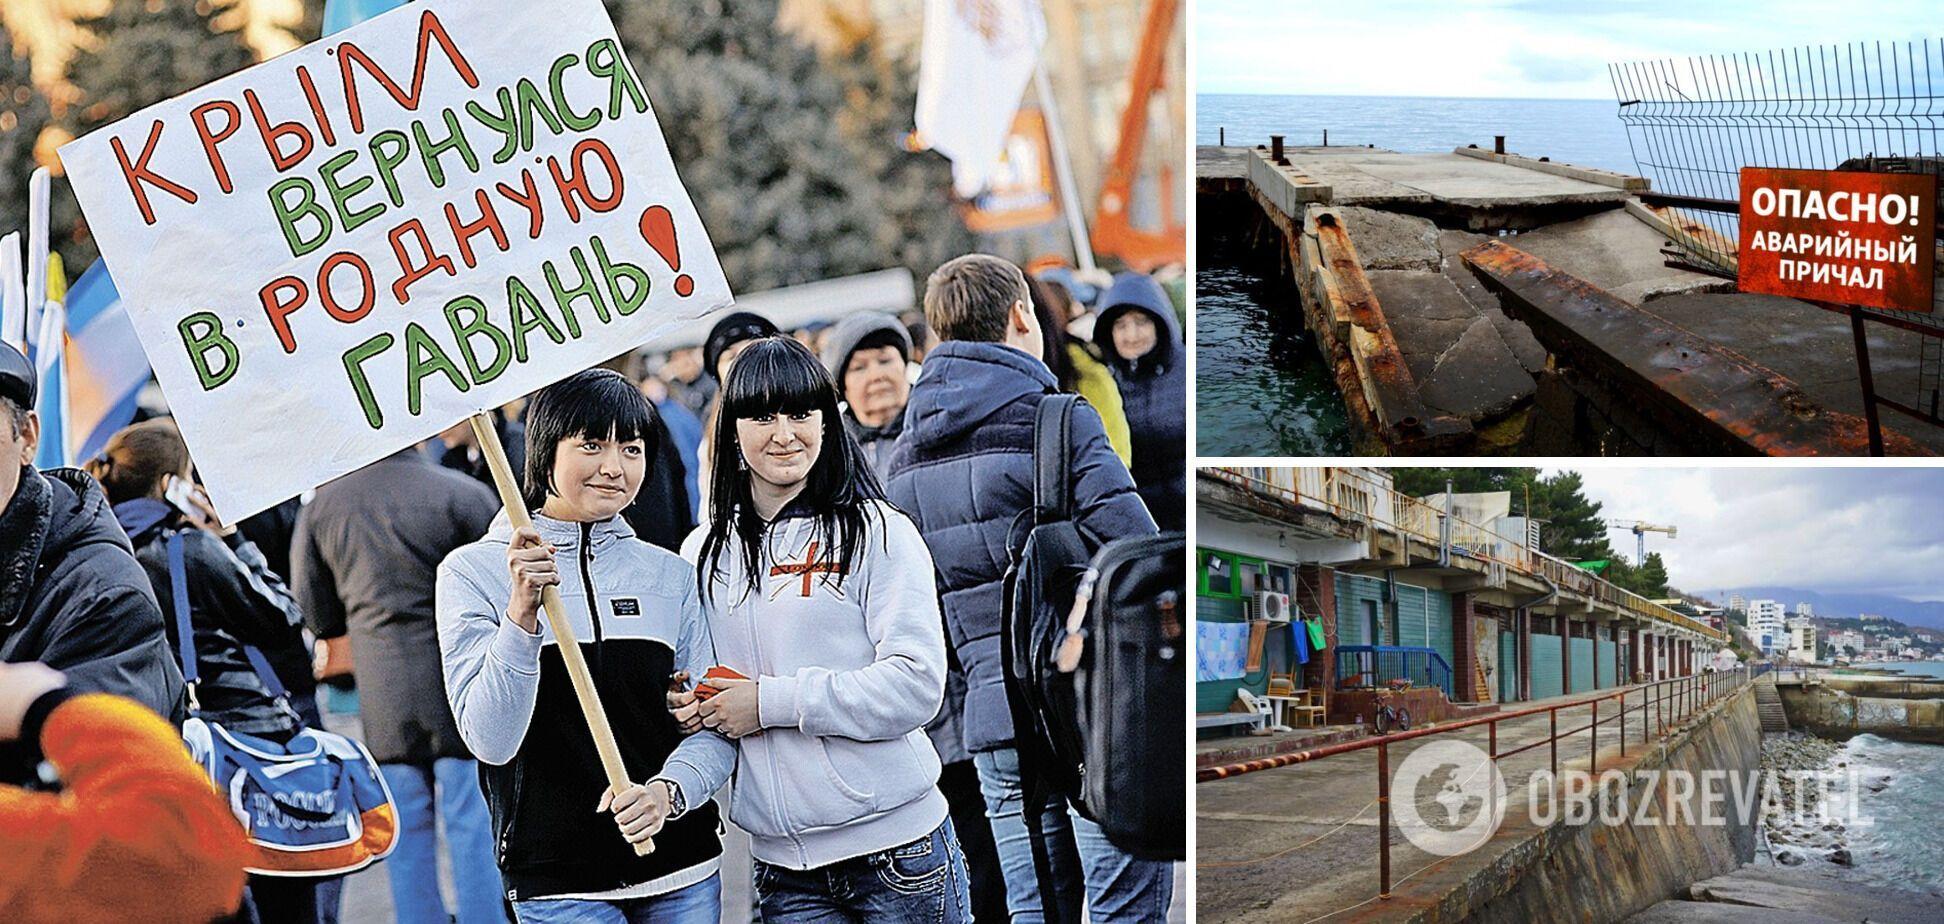 Новини Кримнашу. 'Крим – не Росія, повернення Україні – питання часу'